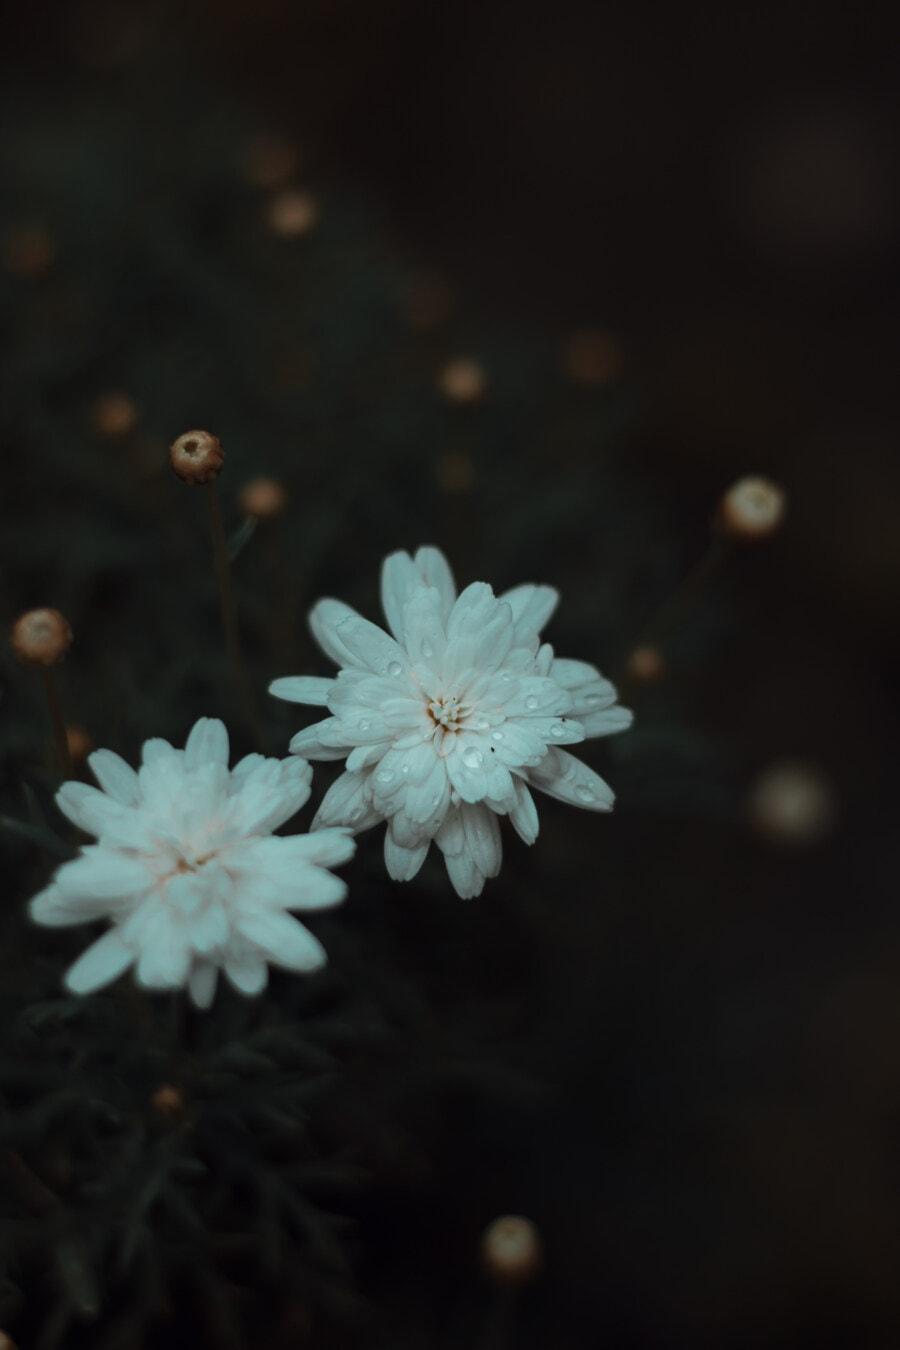 dew, white flower, raindrop, shadow, wildflower, flowers, bloom, flower, blossom, spring